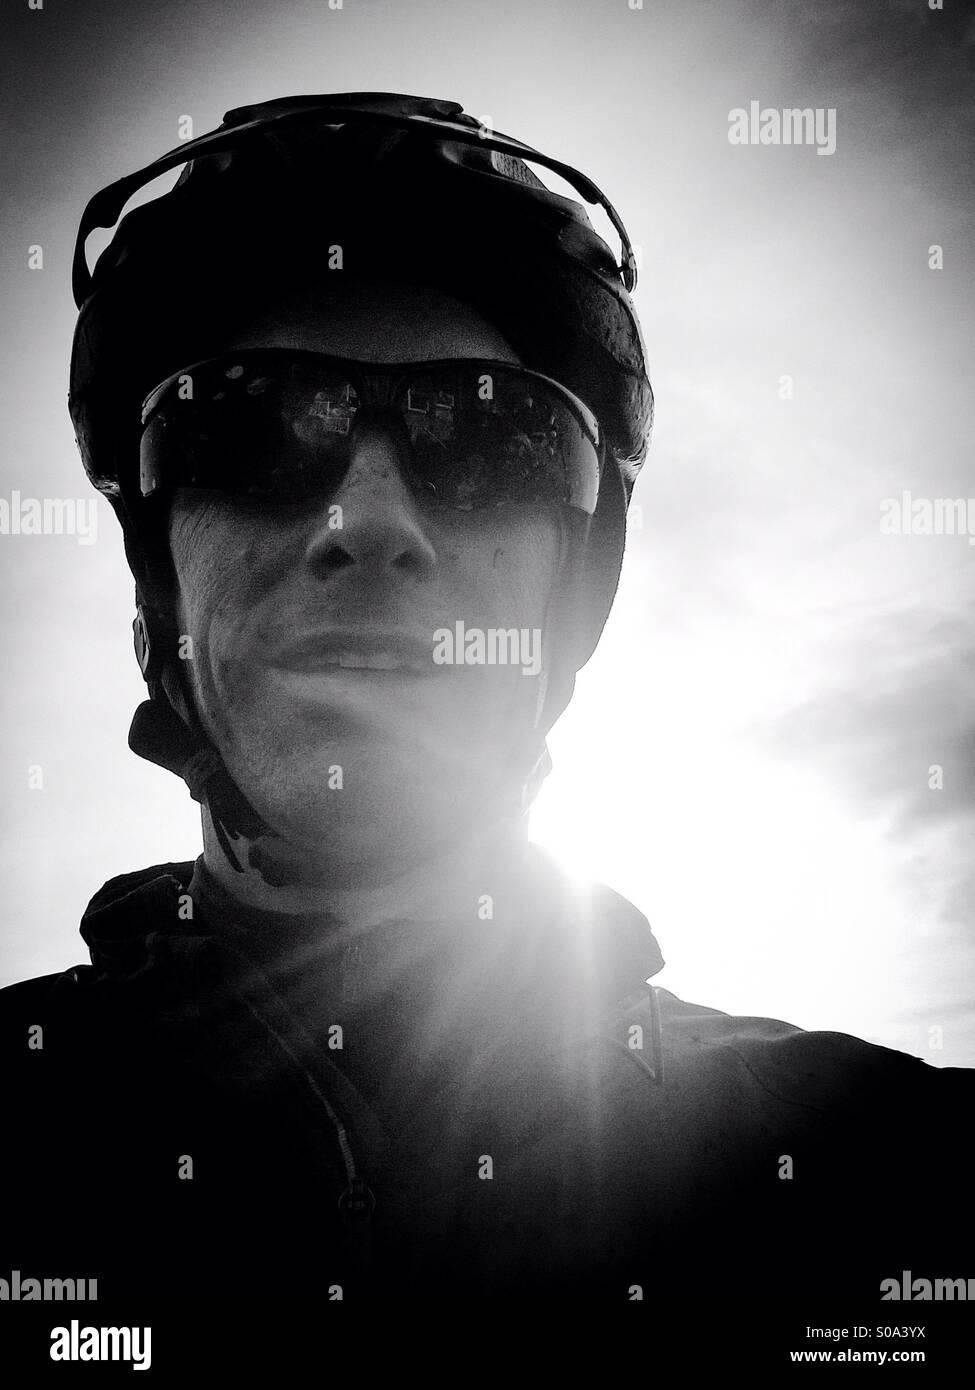 Mountain bike rider selfie grintoso ritratto in bianco e nero. Immagini Stock